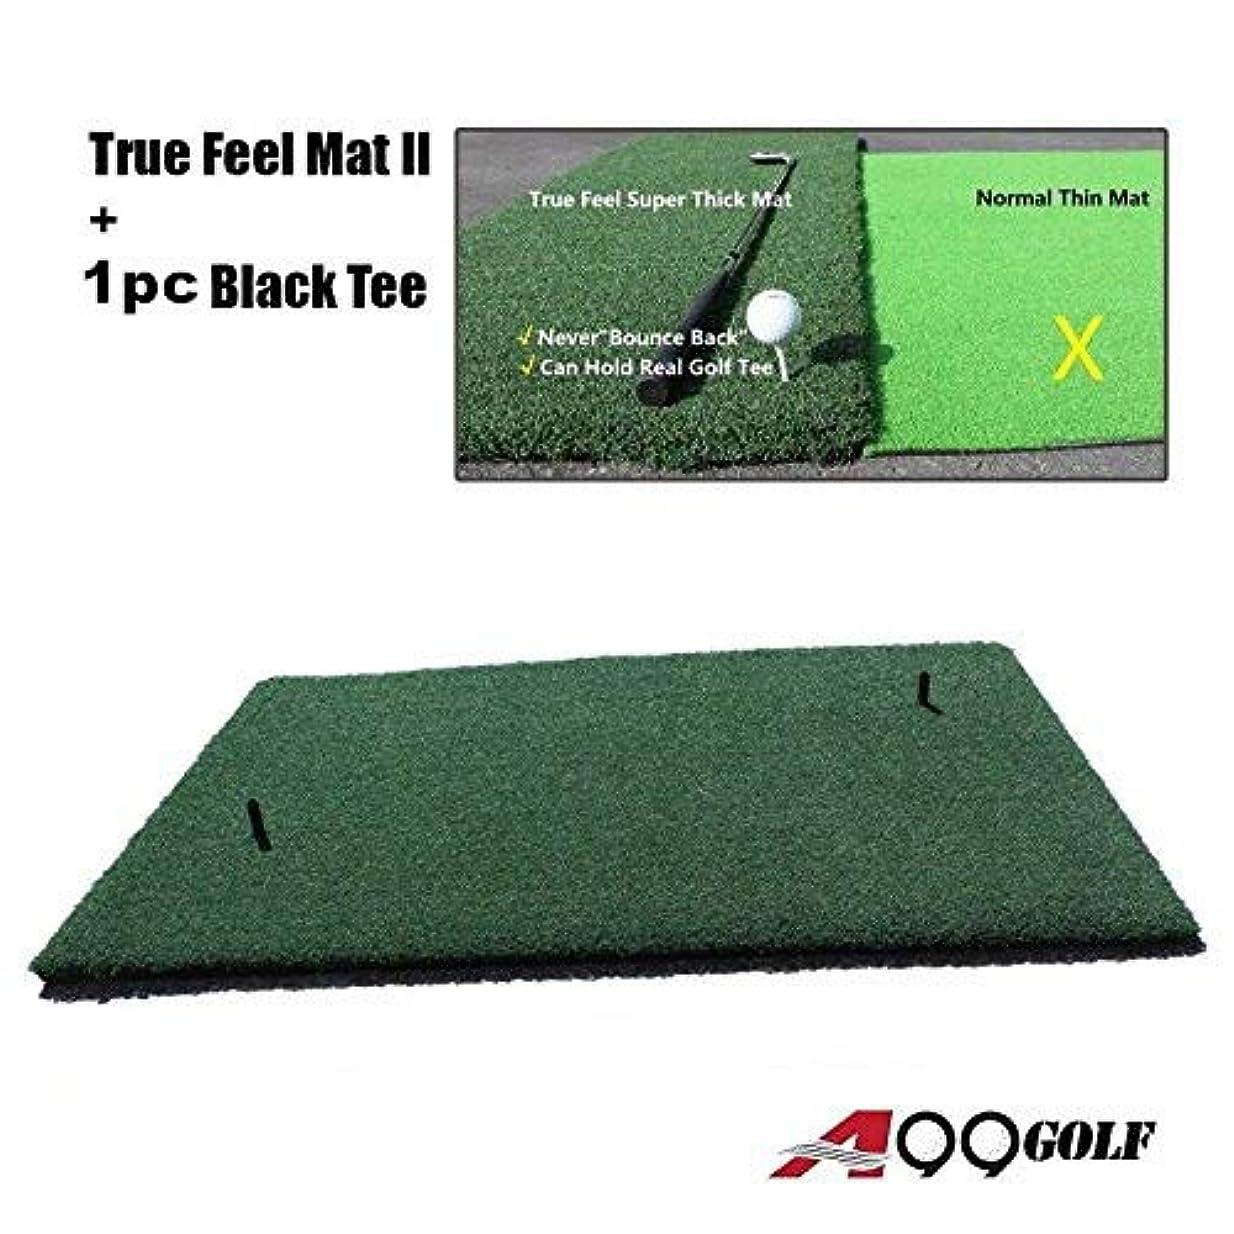 起きているイライラするシーフードA99 ゴルフ トゥルーフィール 超厚手 ドライビング チッピングマット 59インチ x 39.5インチ フォームパッドなし